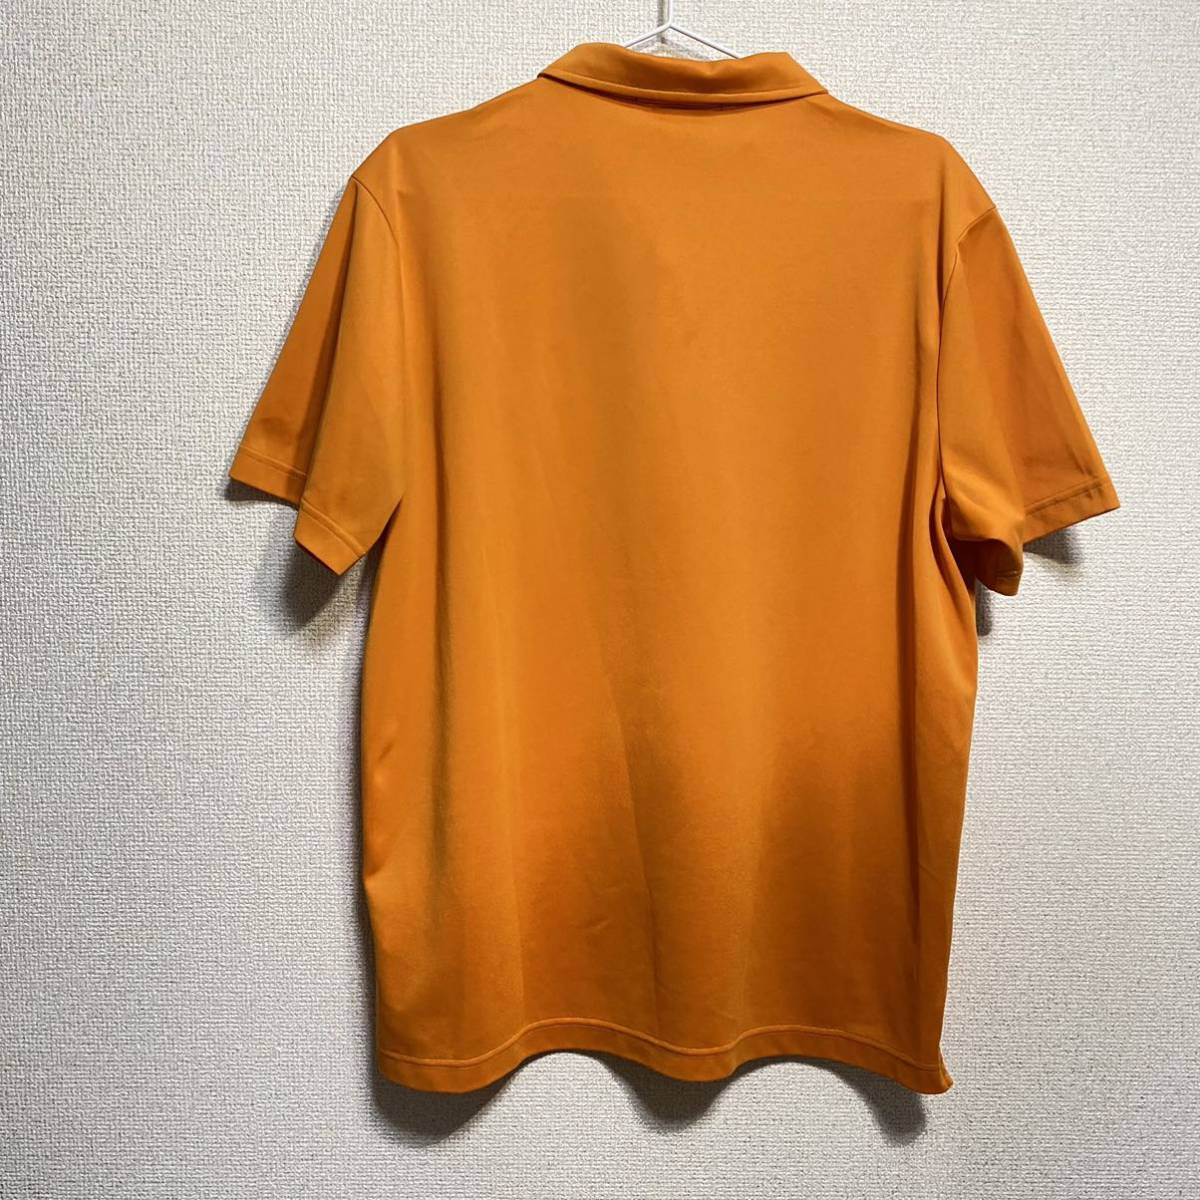 le coq sportif Golf ルコック ゴルフ 半袖ポロシャツ オレンジ メンズ L 迅速発送 送料無料!_画像2